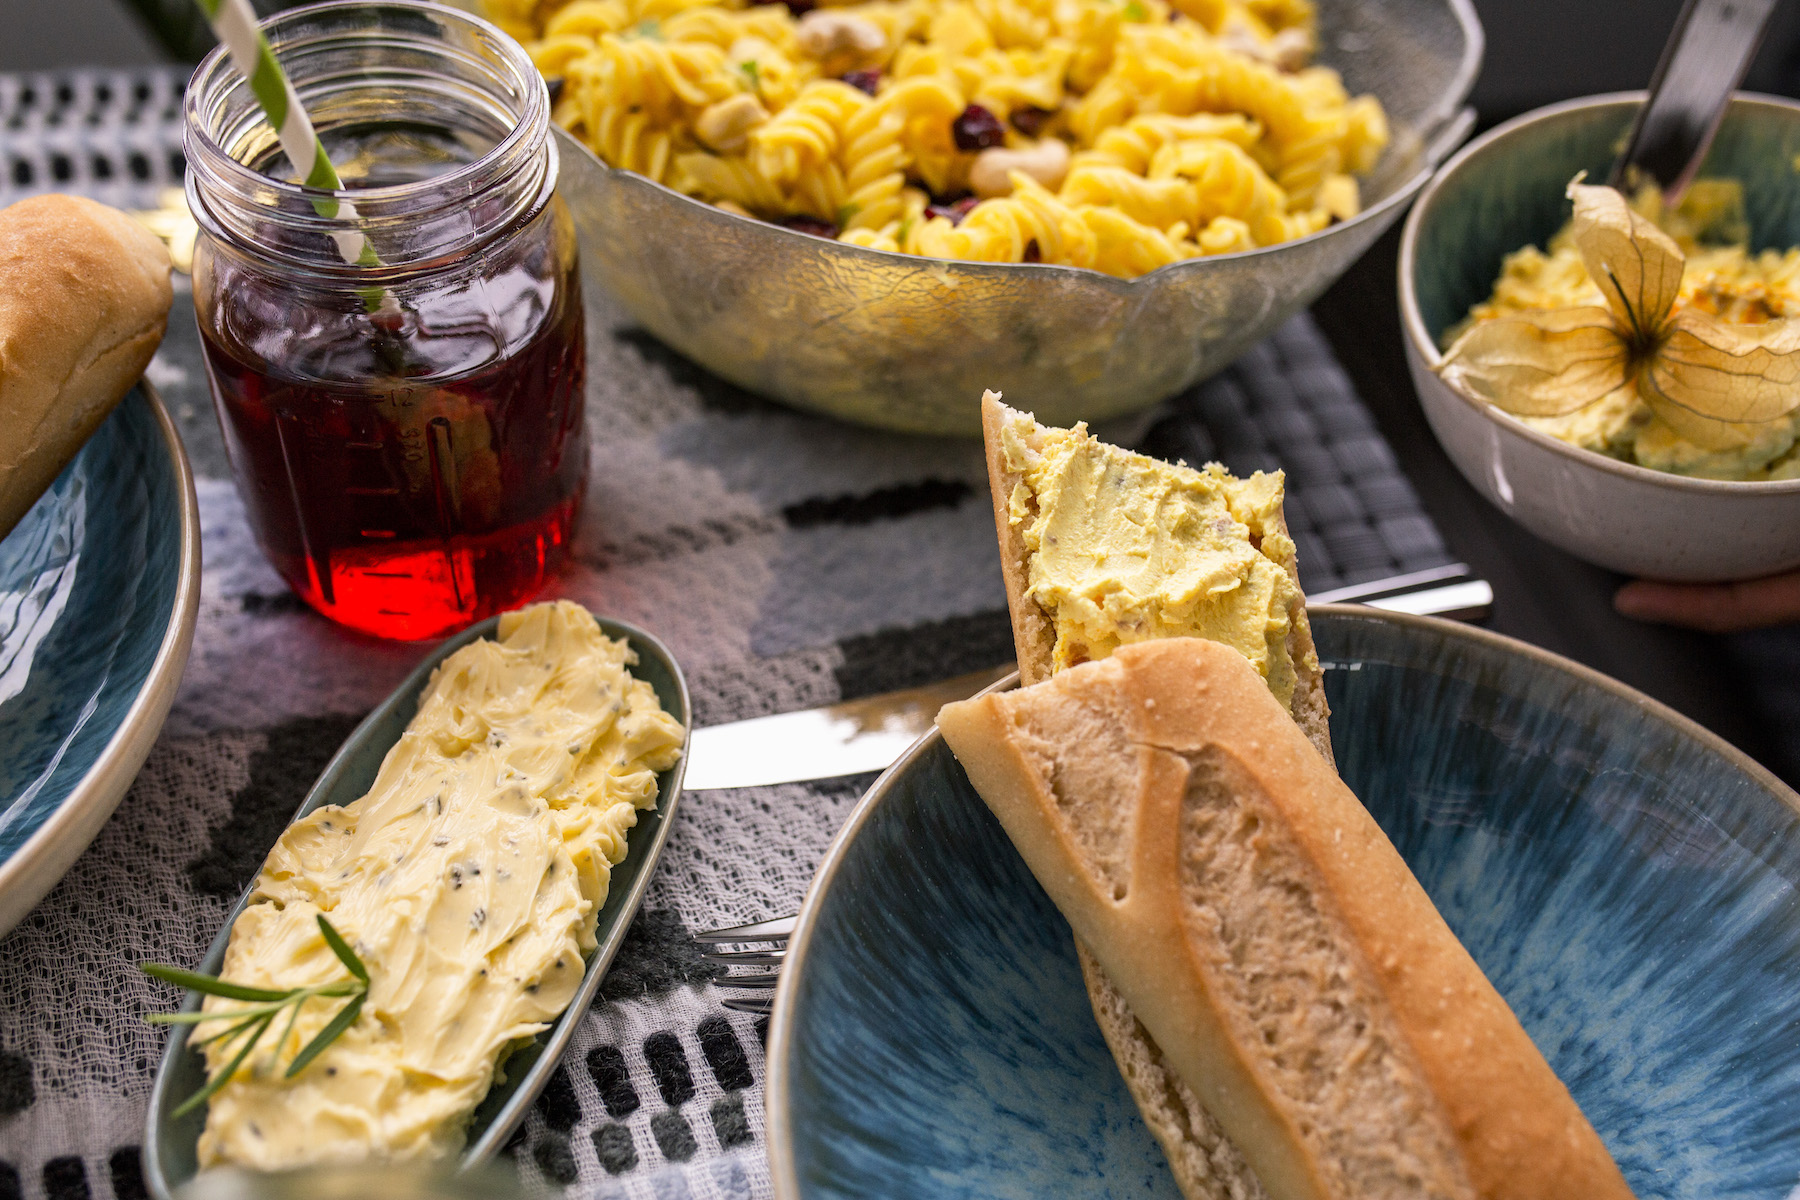 rosmarinbutter suelovesnyc_glutenfrei_grillen_rezepte_glutenfreier_curry_nudelsalat_glutenfreies_baguette_schaer_cheesecake_aufstrich_rosmarinbutter